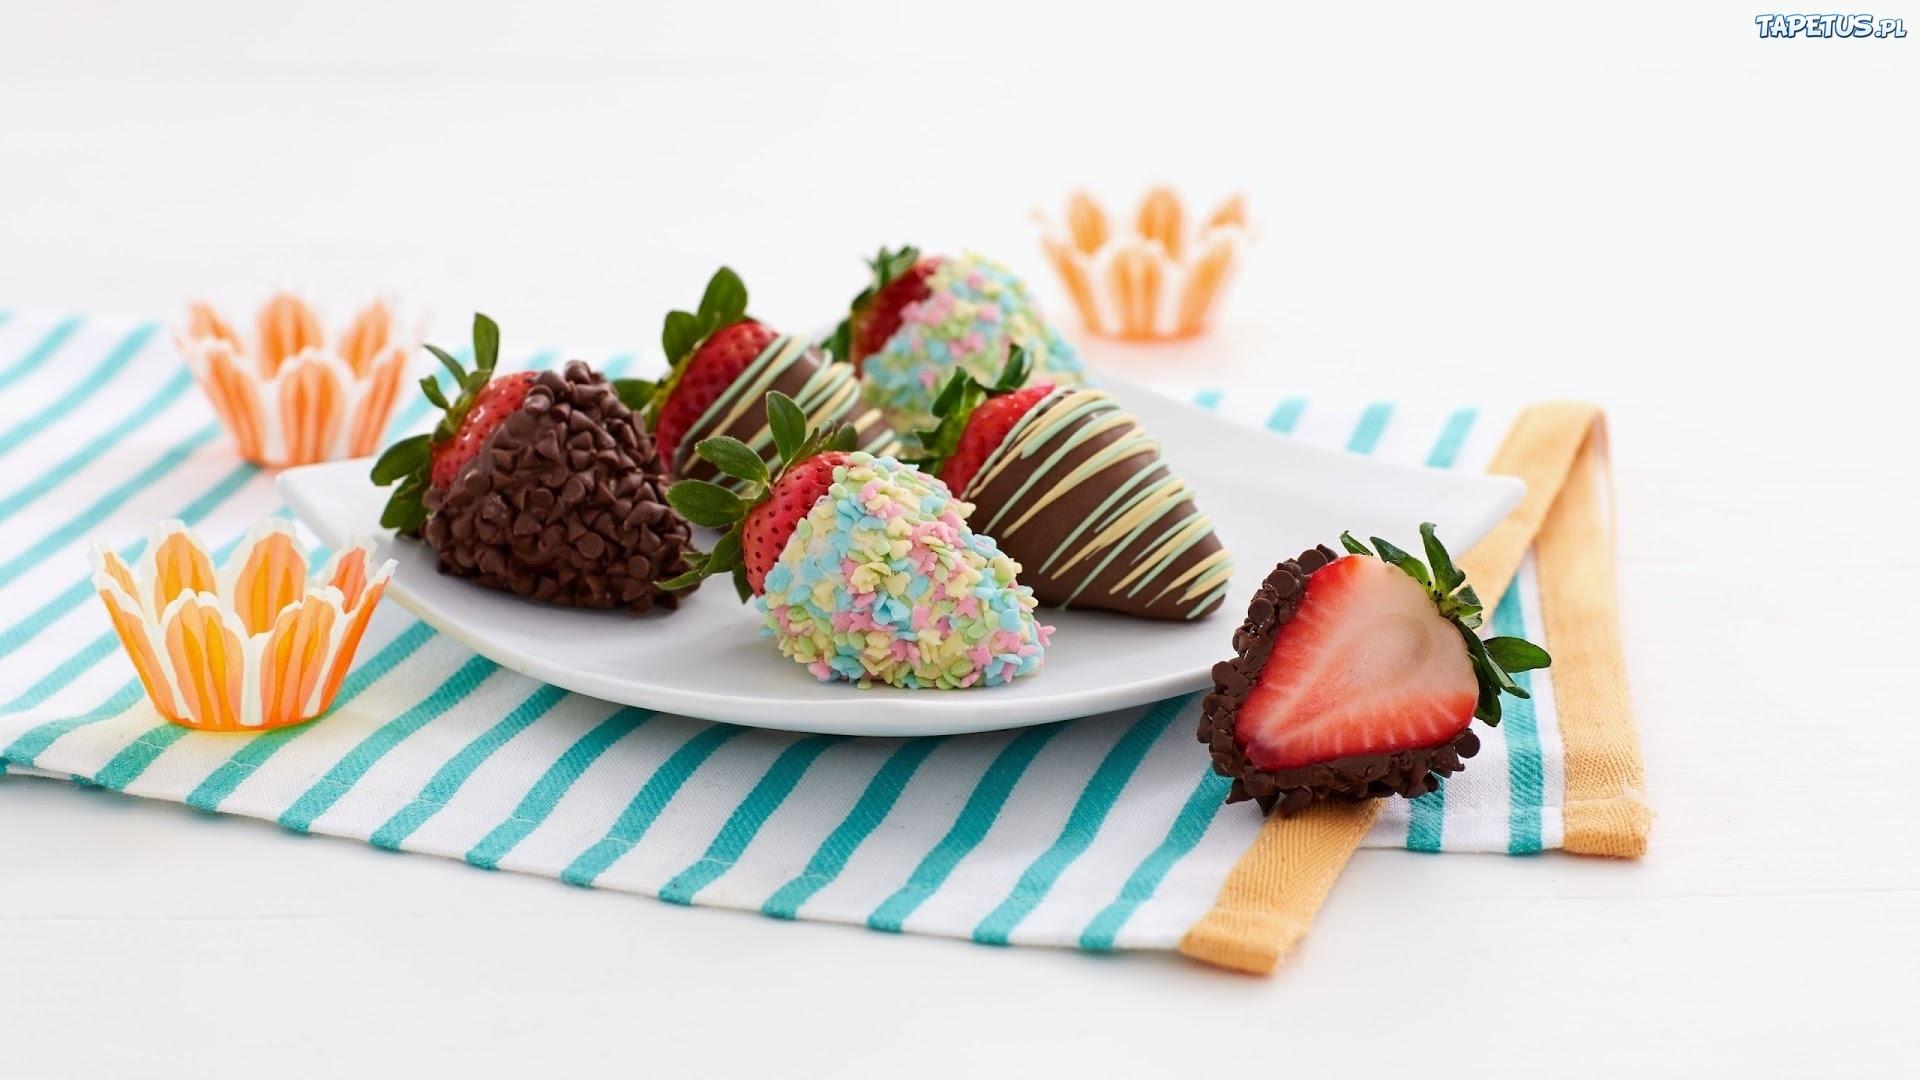 пирожное клубника тарелка десерт смотреть